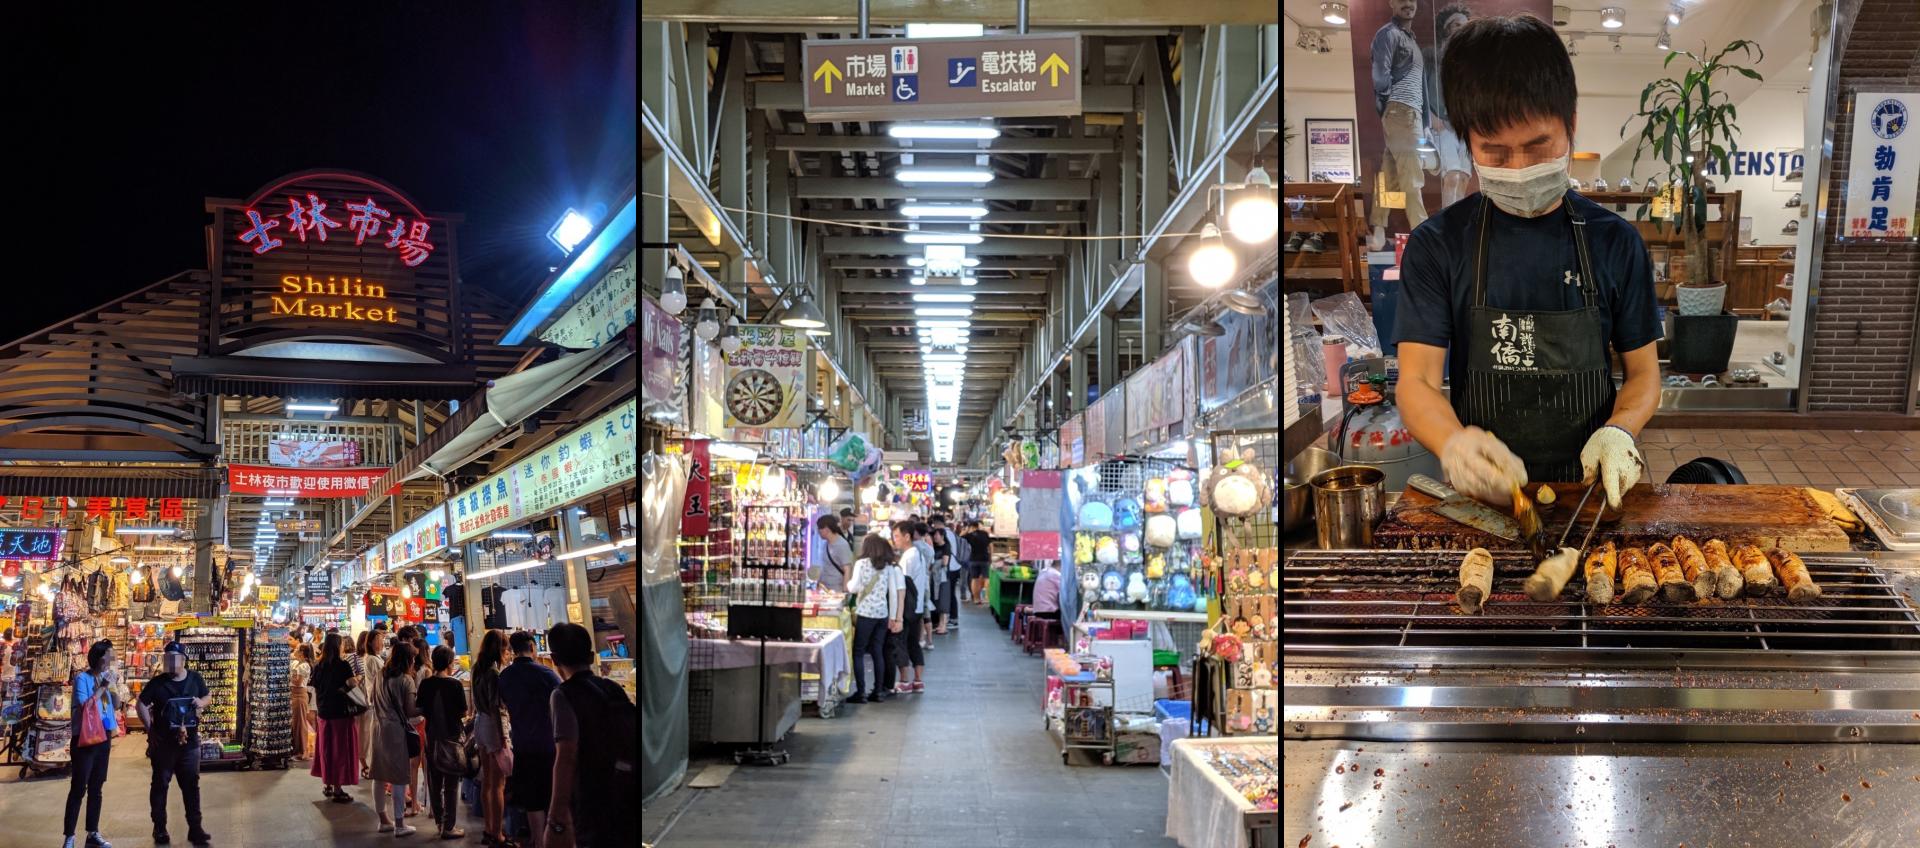 タビナカの台湾オプショナルツアーで訪れた士林市場(夜市)の様子